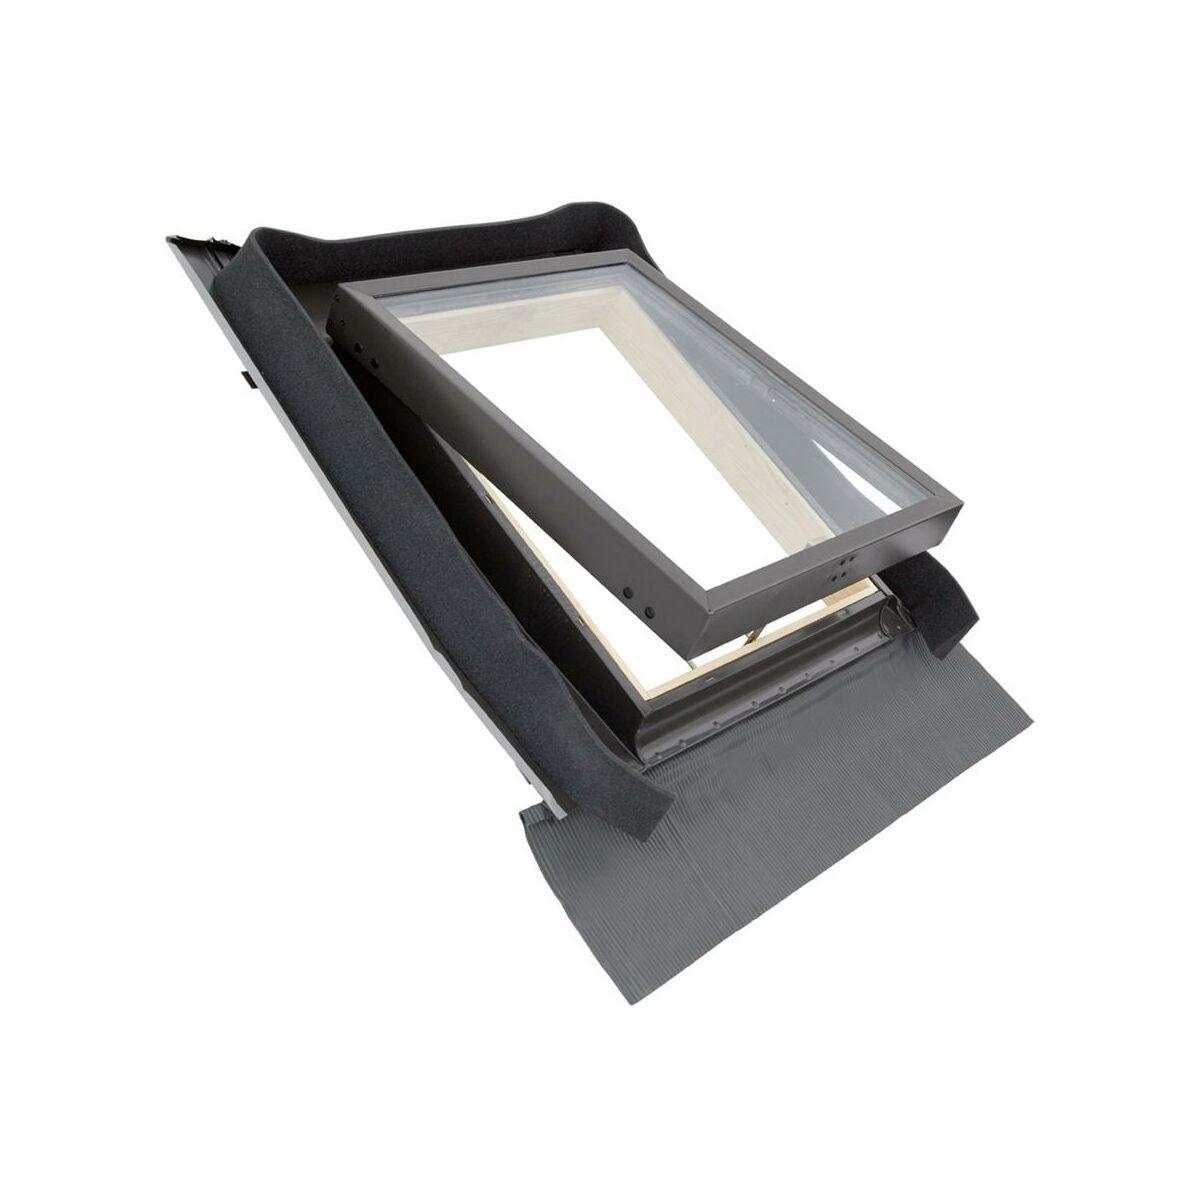 Wylaz Dachowy 45 X 55 Cm Wylazy Dachowe W Atrakcyjnej Cenie W Sklepach Leroy Merlin